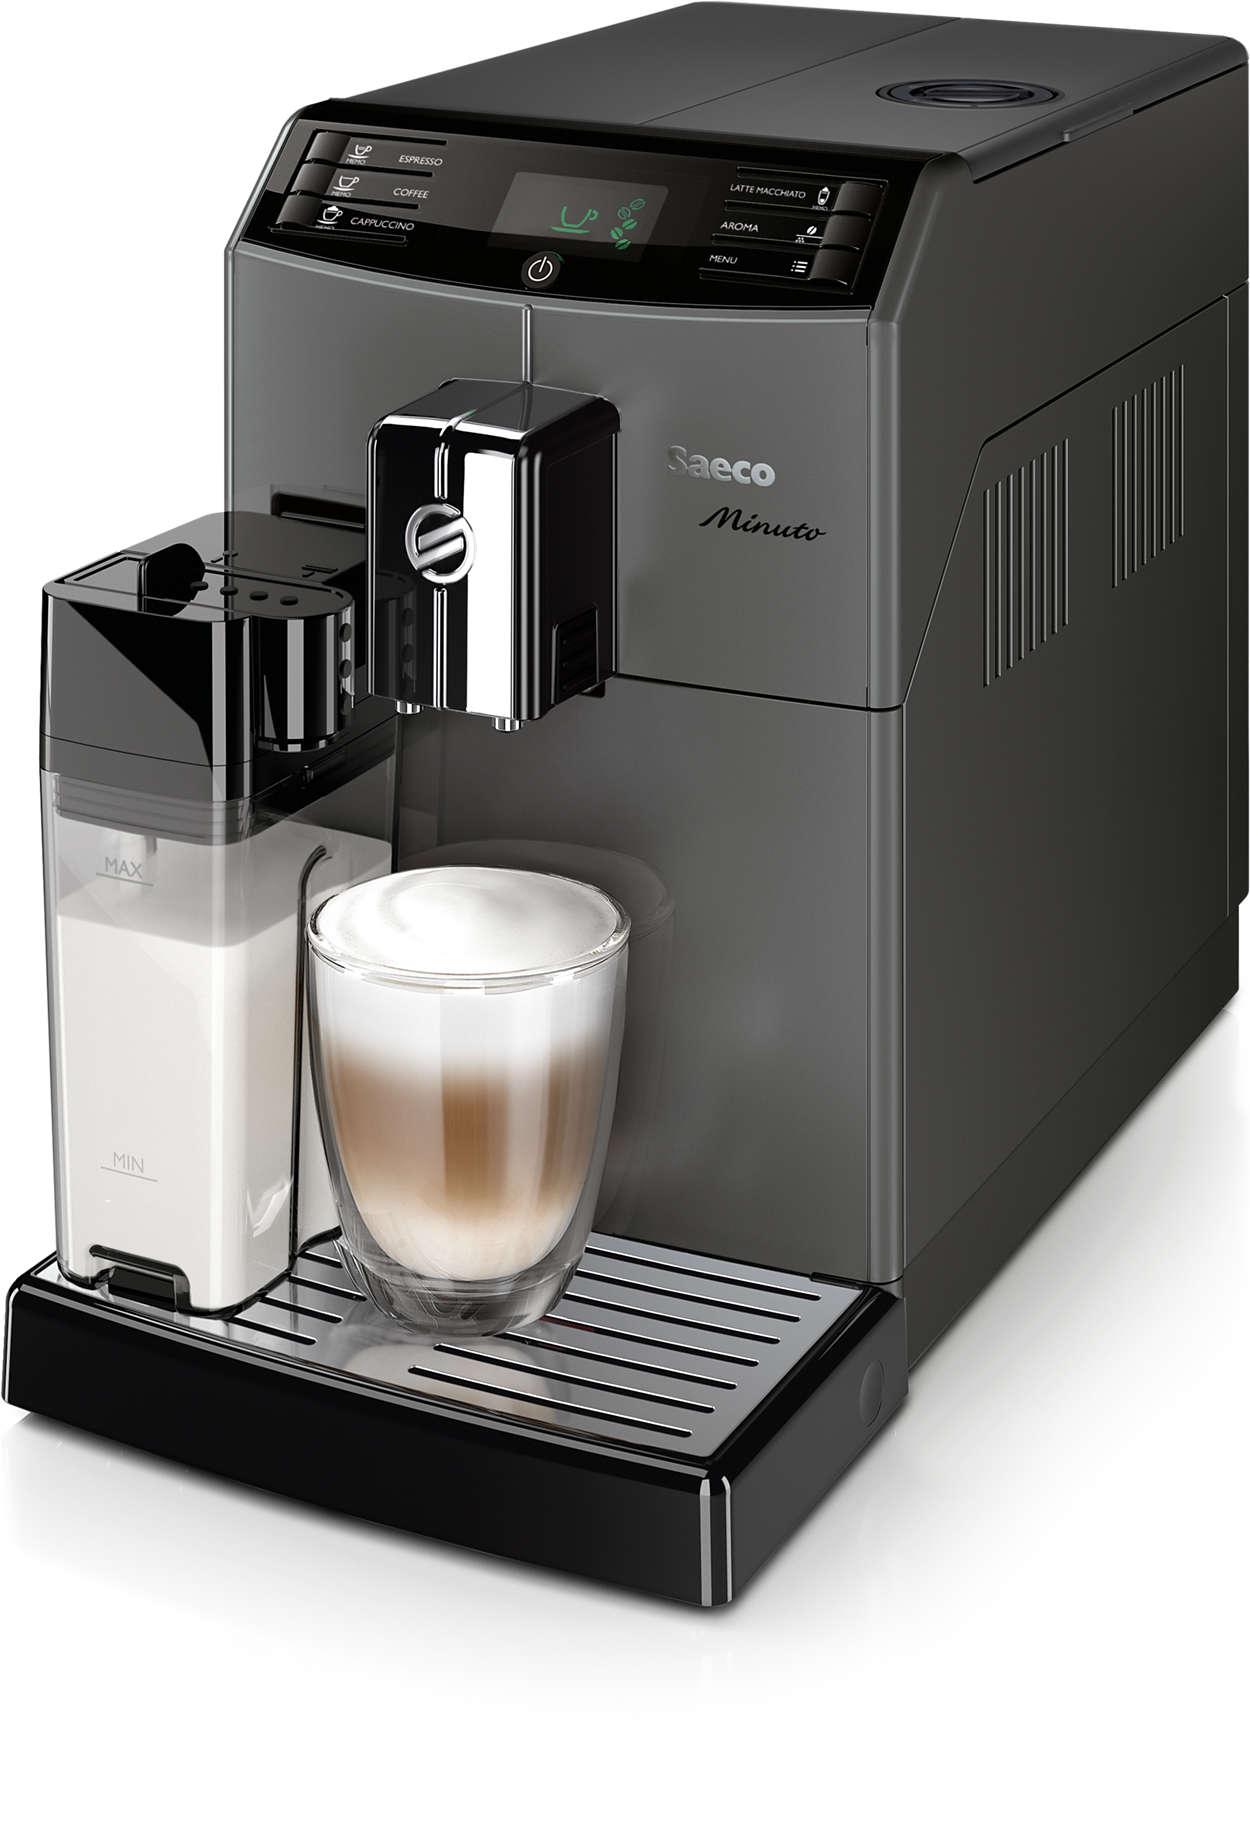 minuto kaffeevollautomat hd8867 11 saeco. Black Bedroom Furniture Sets. Home Design Ideas